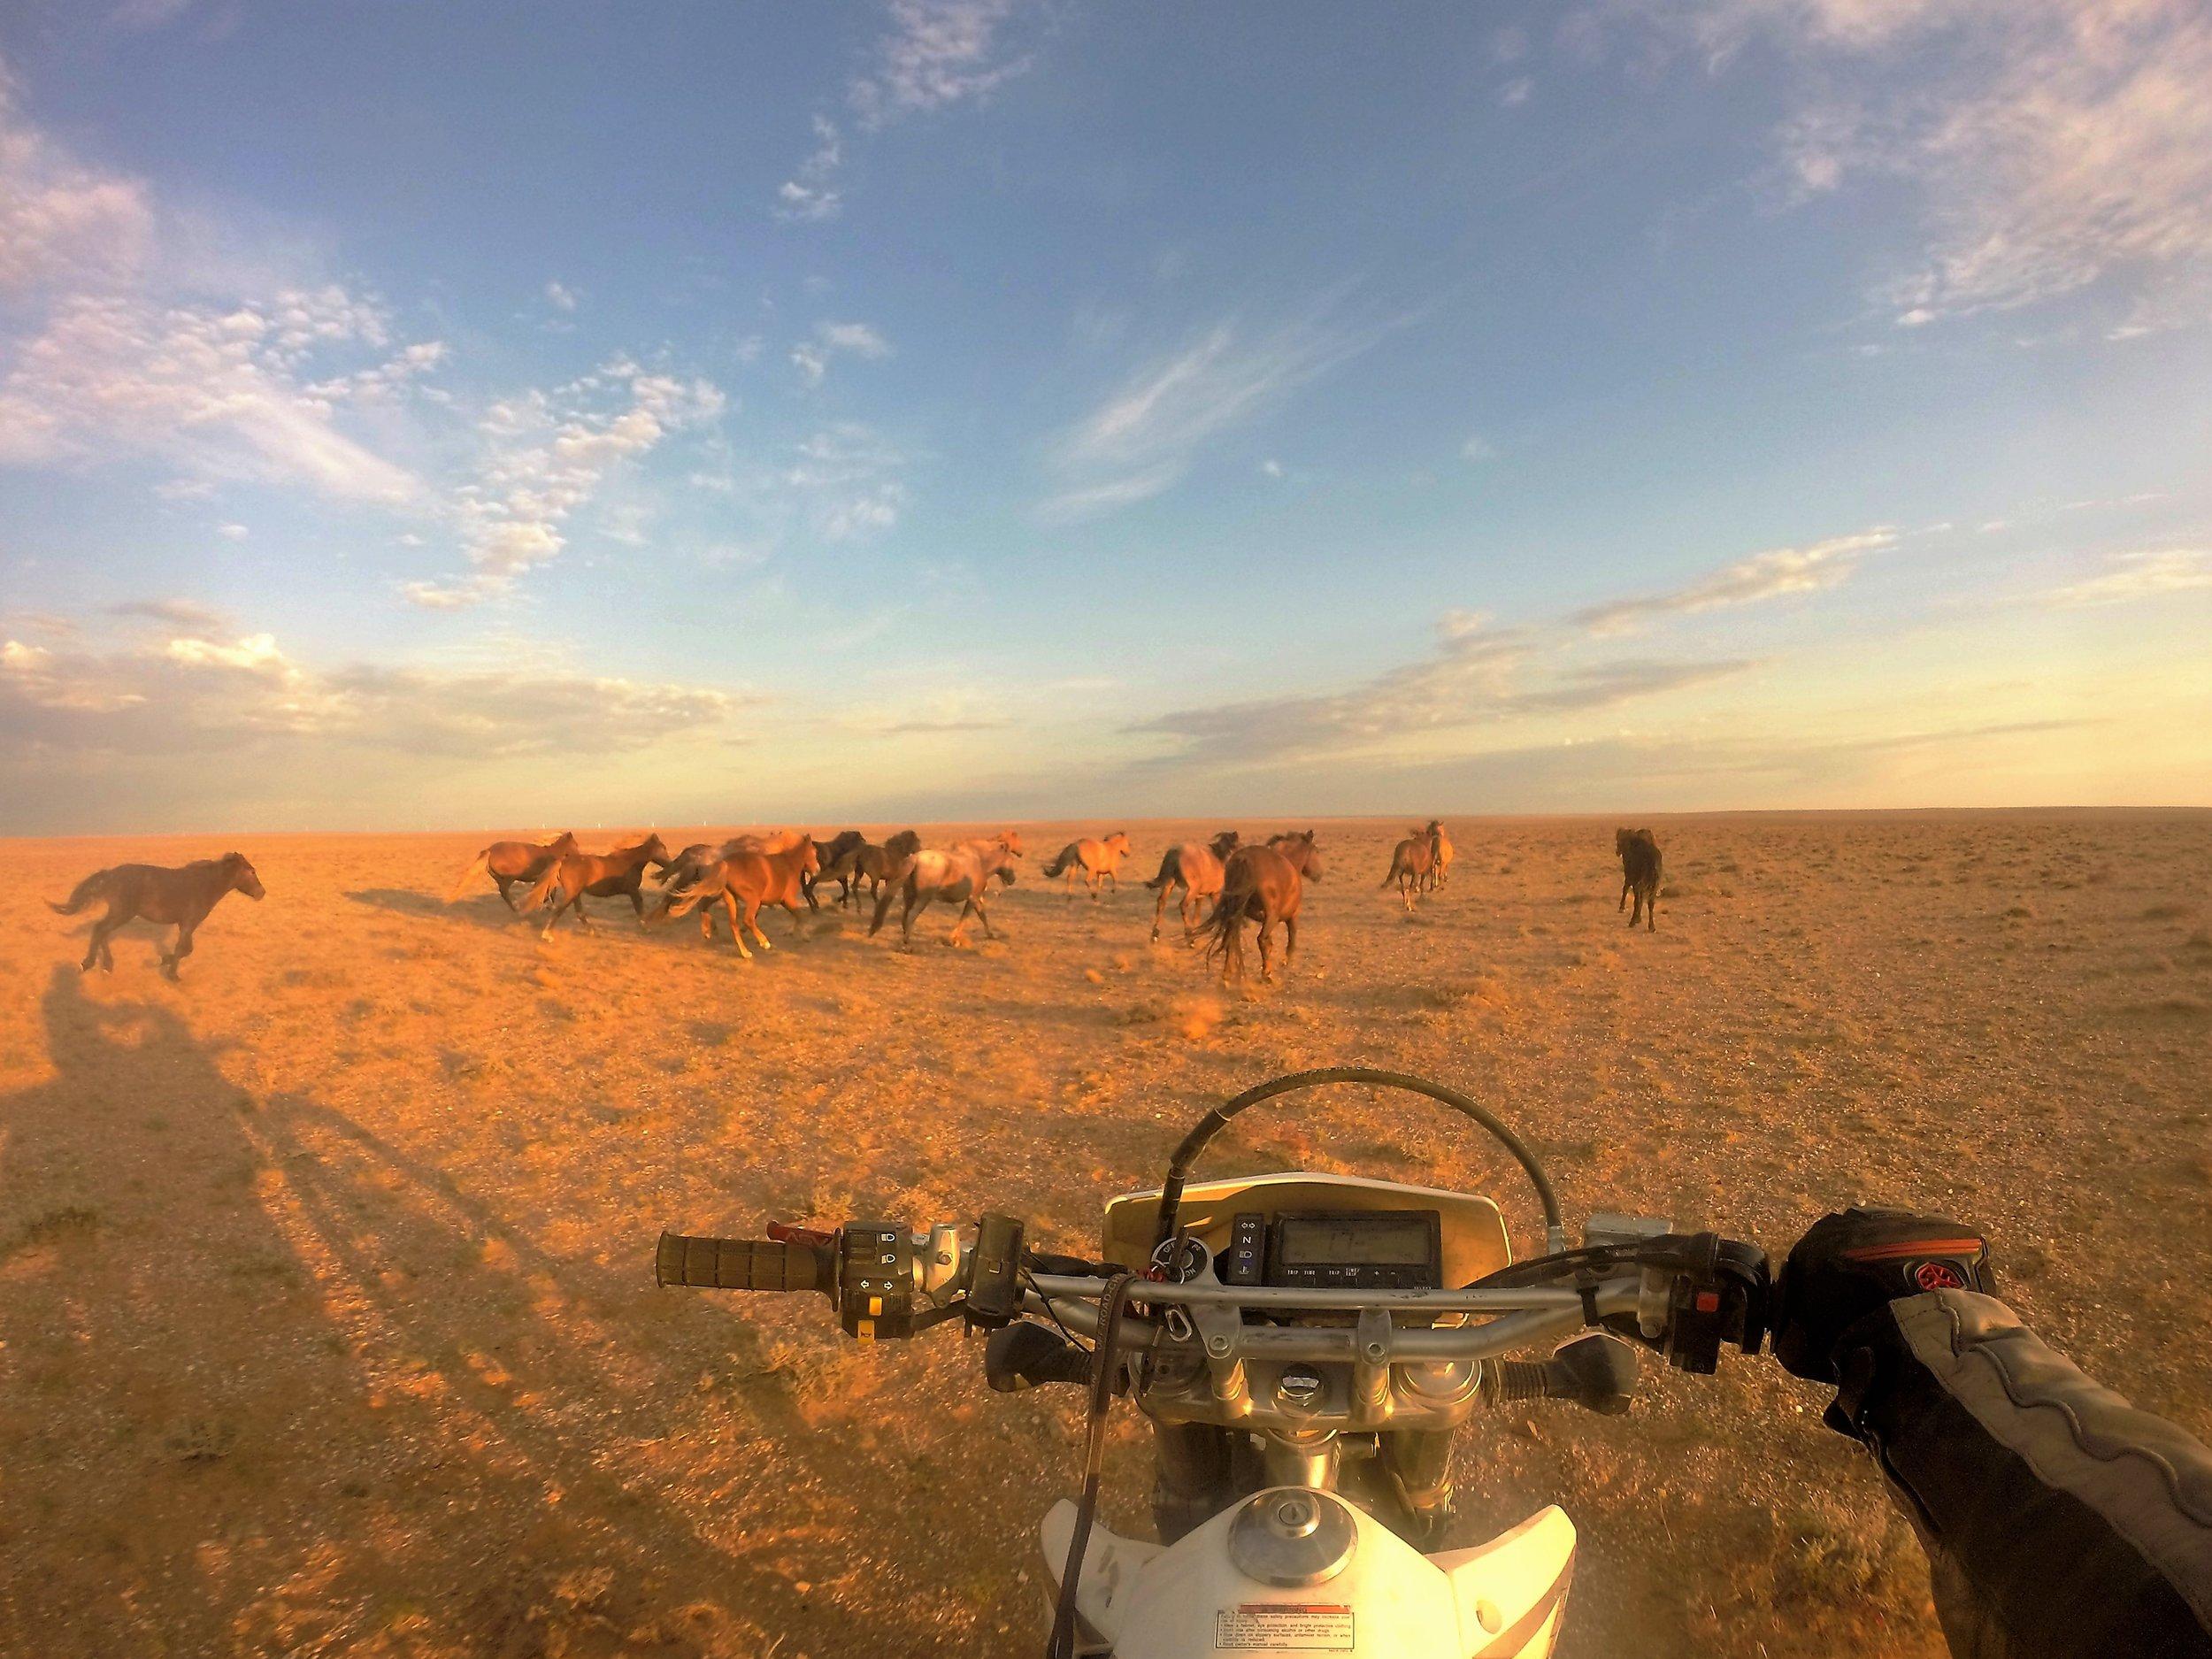 """Matkalla tavattiin myös villihevoslaumoja - korvalappustereoissa soi CCR:n """"Fortunate son"""", alla murise uskollinen rautaheppa ja Mongolia näyttää parhaimpia puolia... Tällaiset hetket palavat silmäkalvoihin loppuelämään saakka..."""